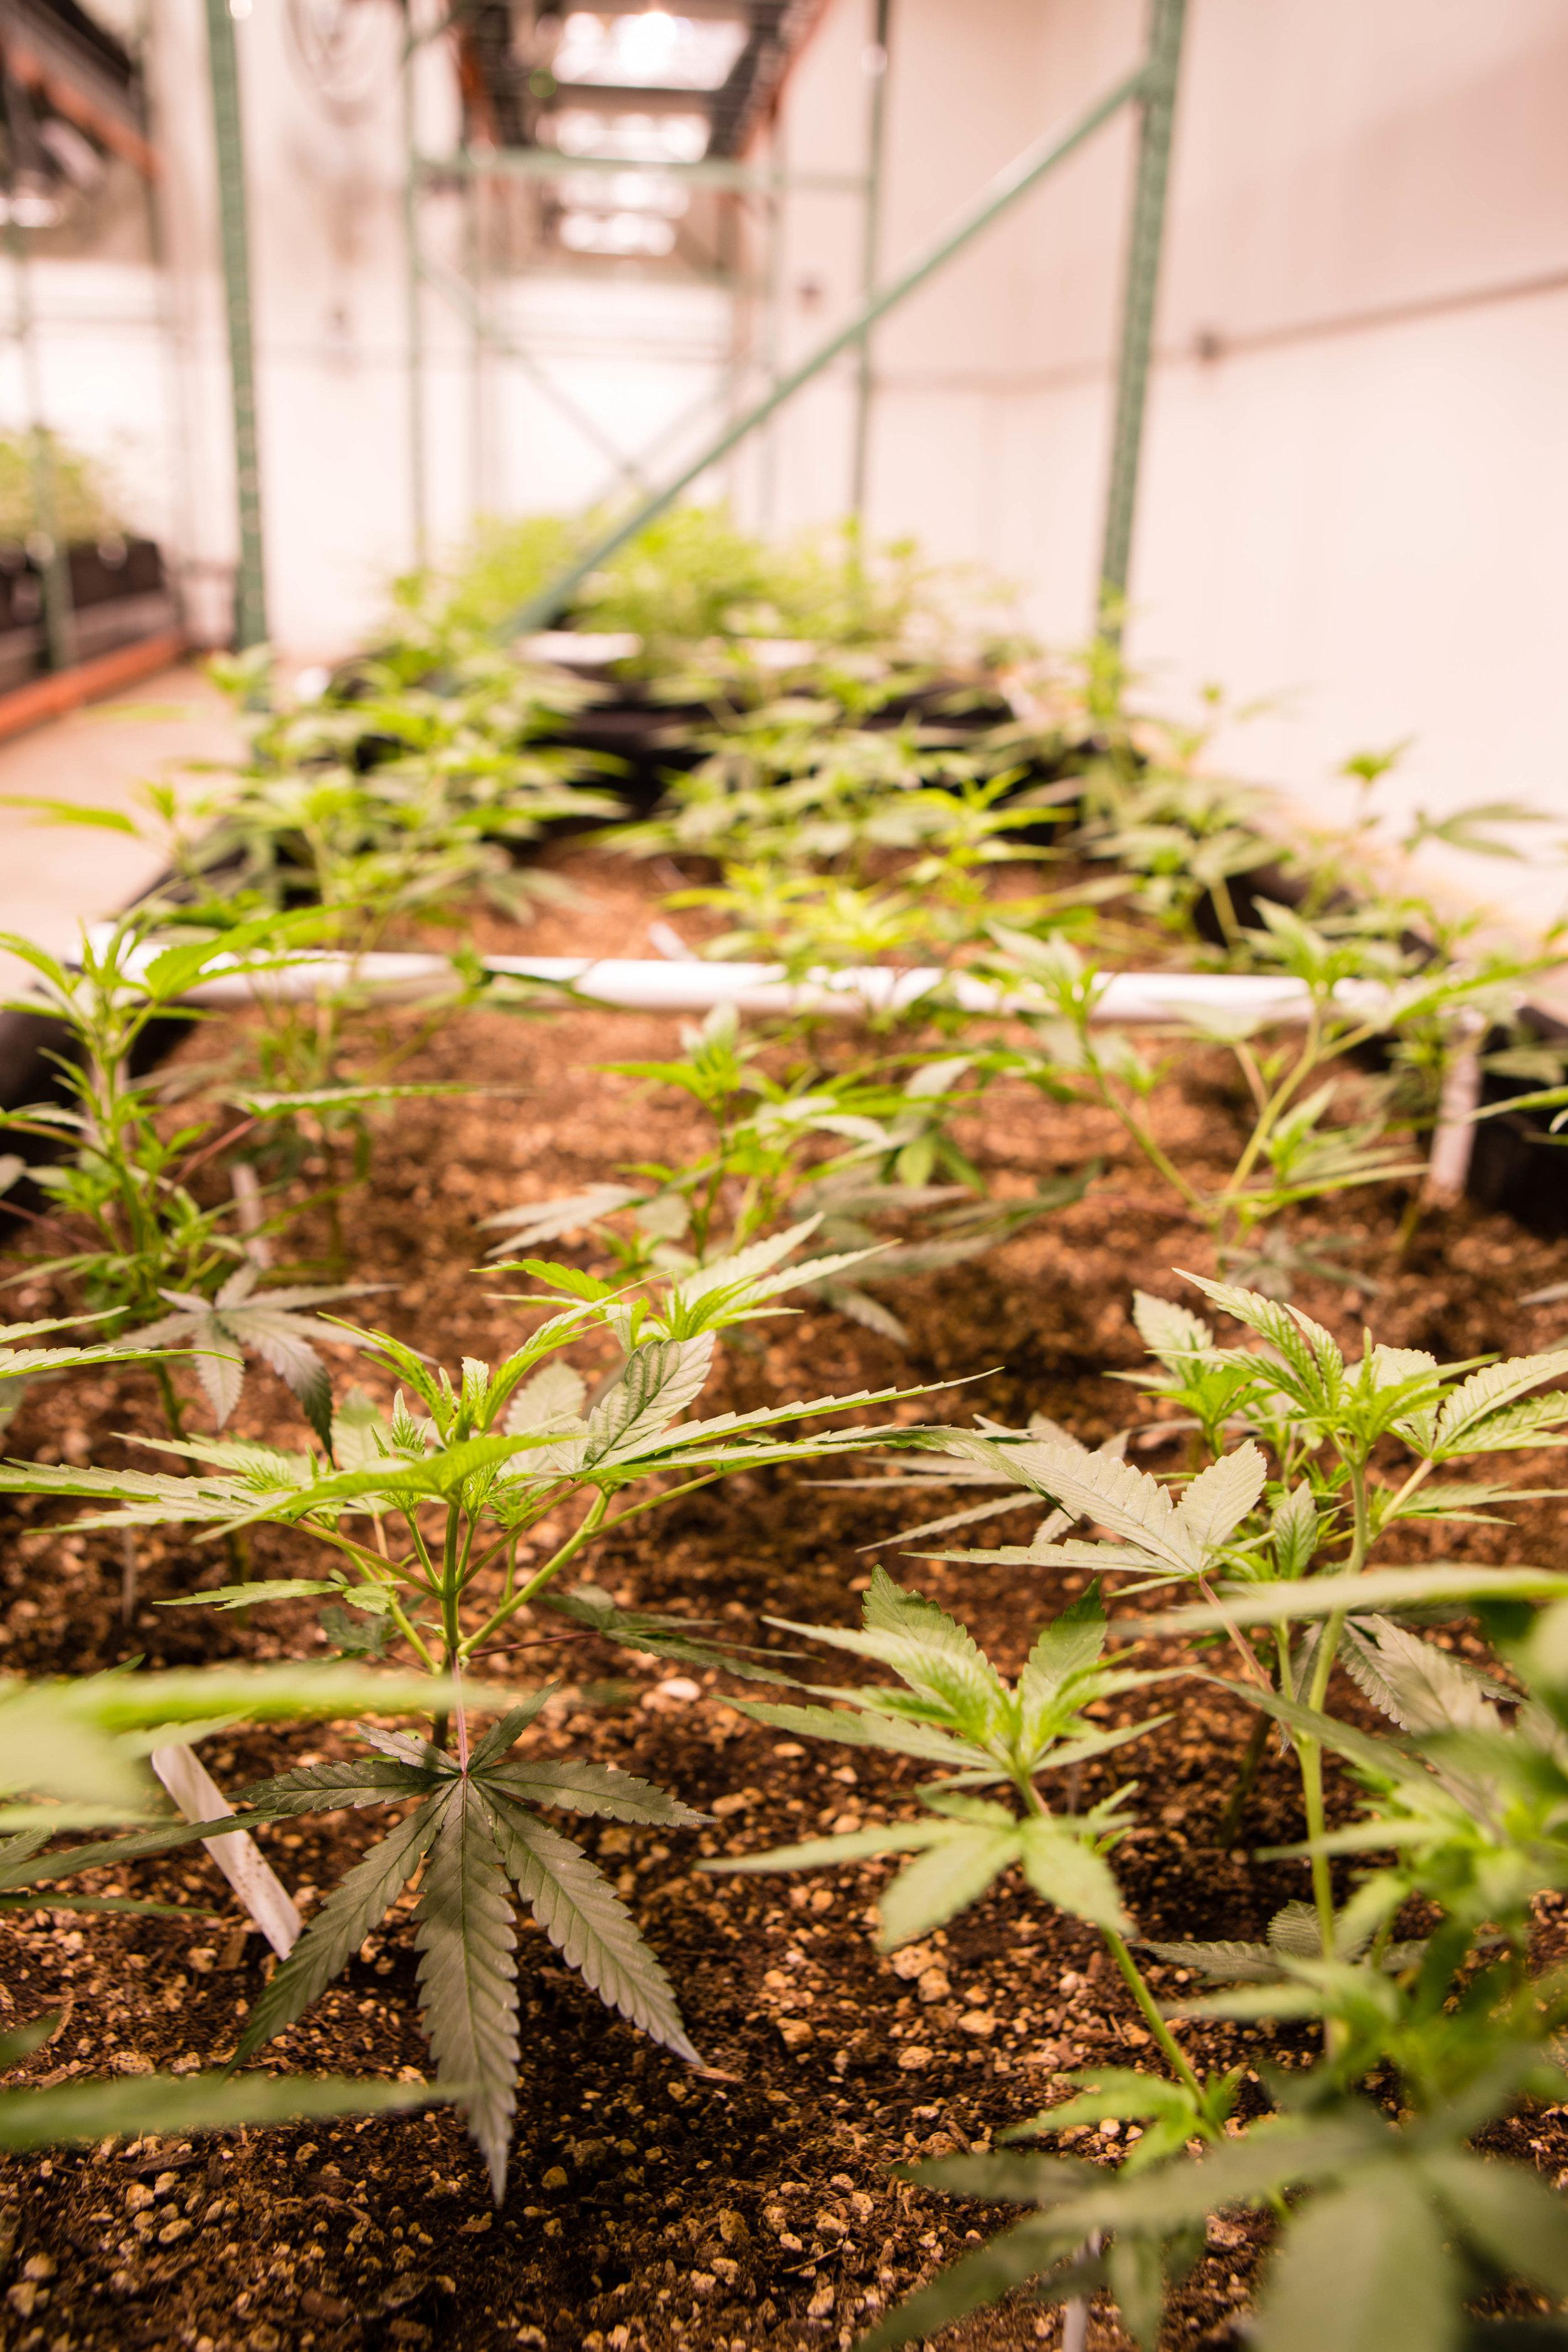 Curing Cannabis